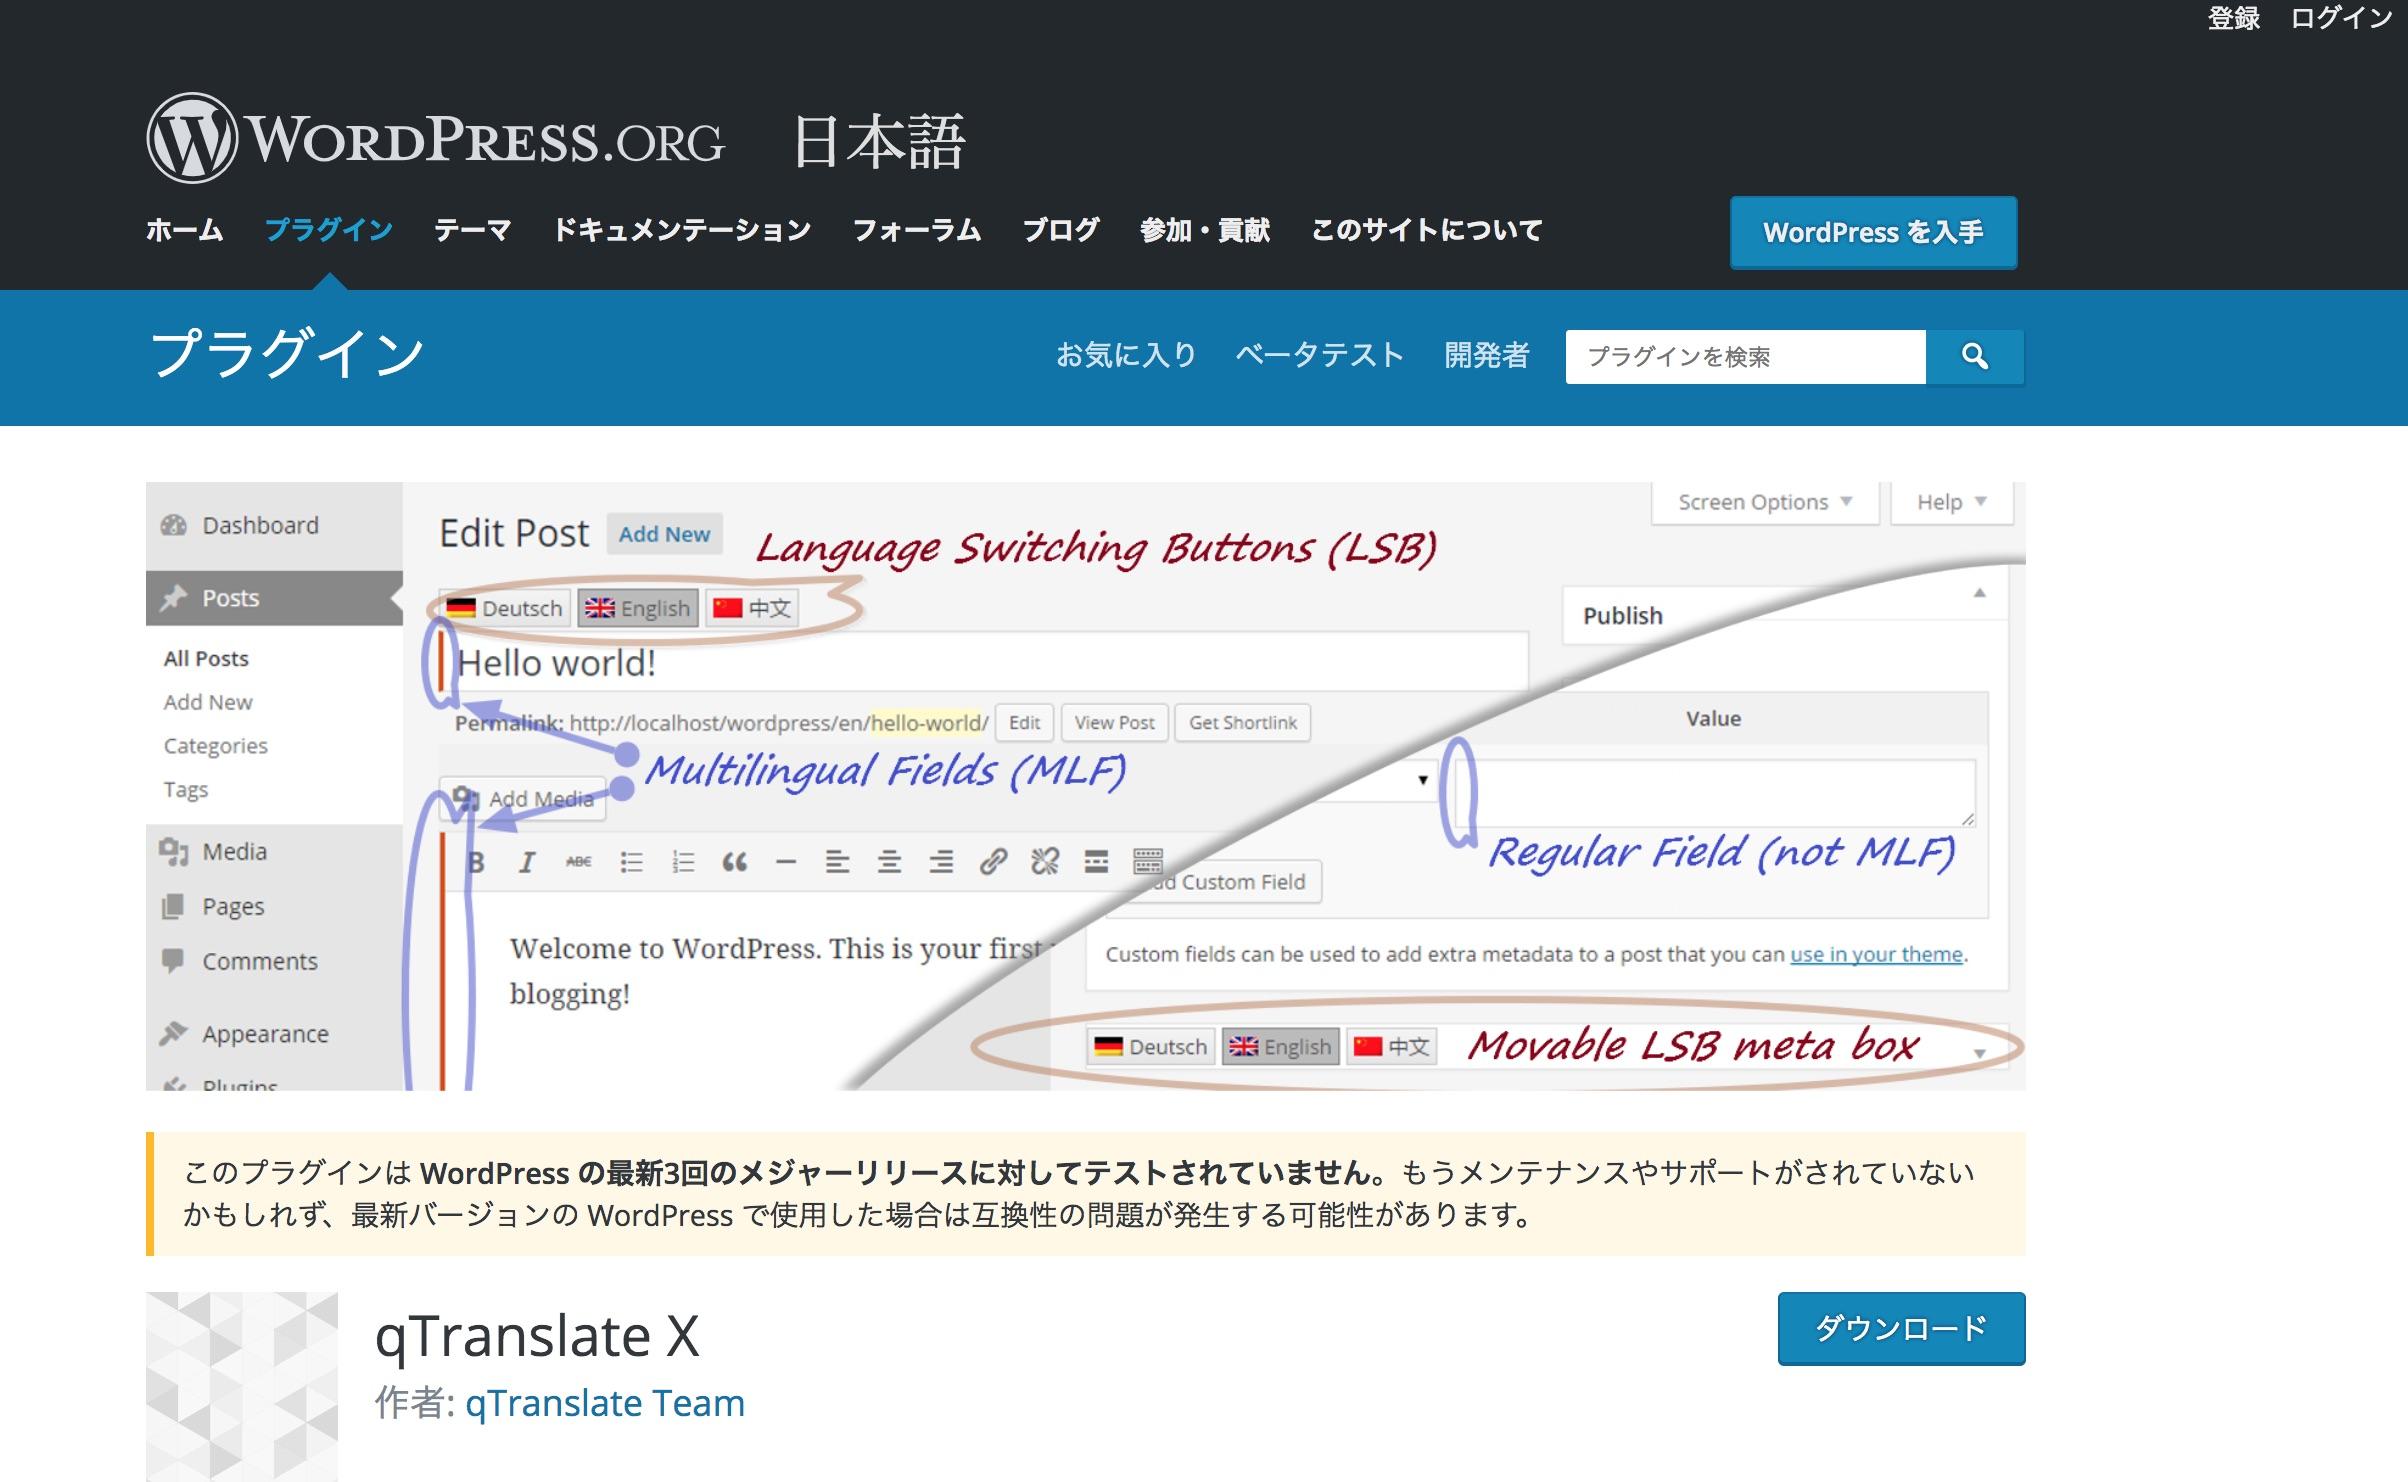 qTranslate Xのスクリーンショット